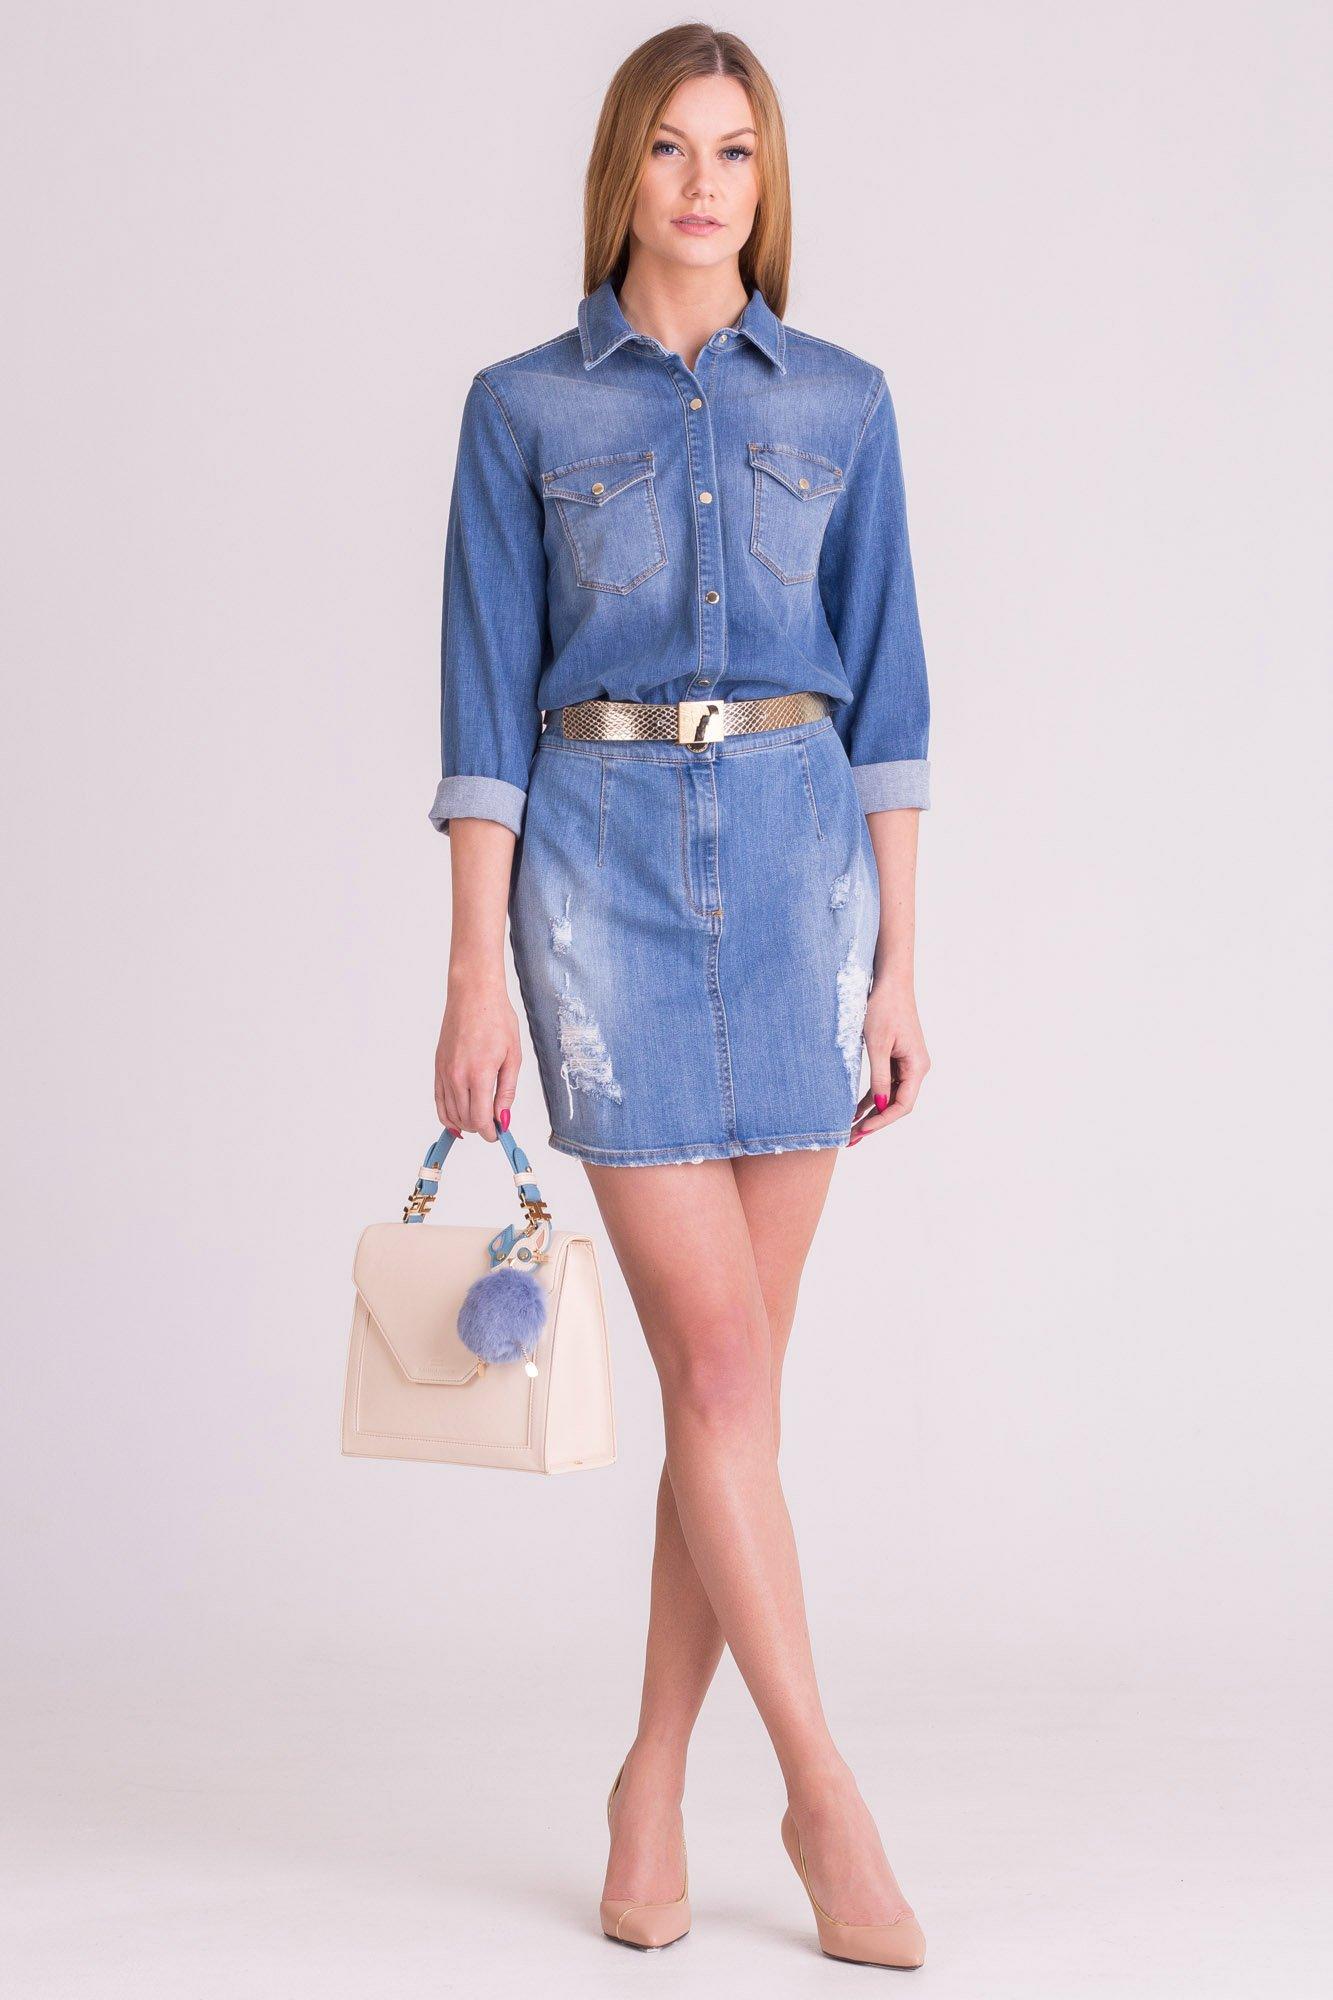 d7d51dd9bb Niebieska jeansowa sukienka Elisabetta Franchi · Niebieska jeansowa sukienka  Elisabetta Franchi ...